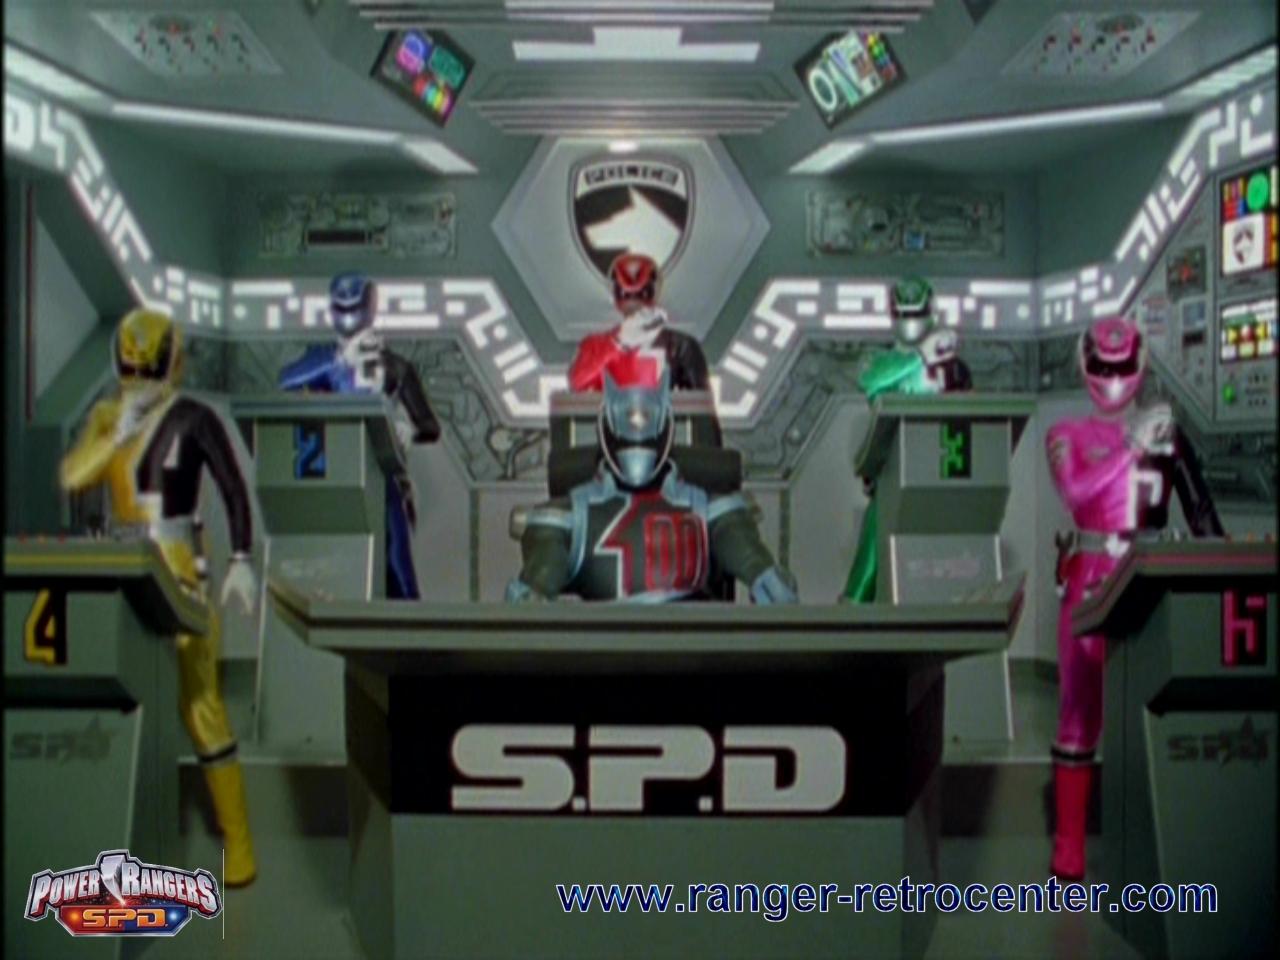 http://2.bp.blogspot.com/-S__Ze8PduHU/T-8QO6qEWfI/AAAAAAAAAro/iUDx1s_JSPM/s1600/bg-spd-rangers3.jpg